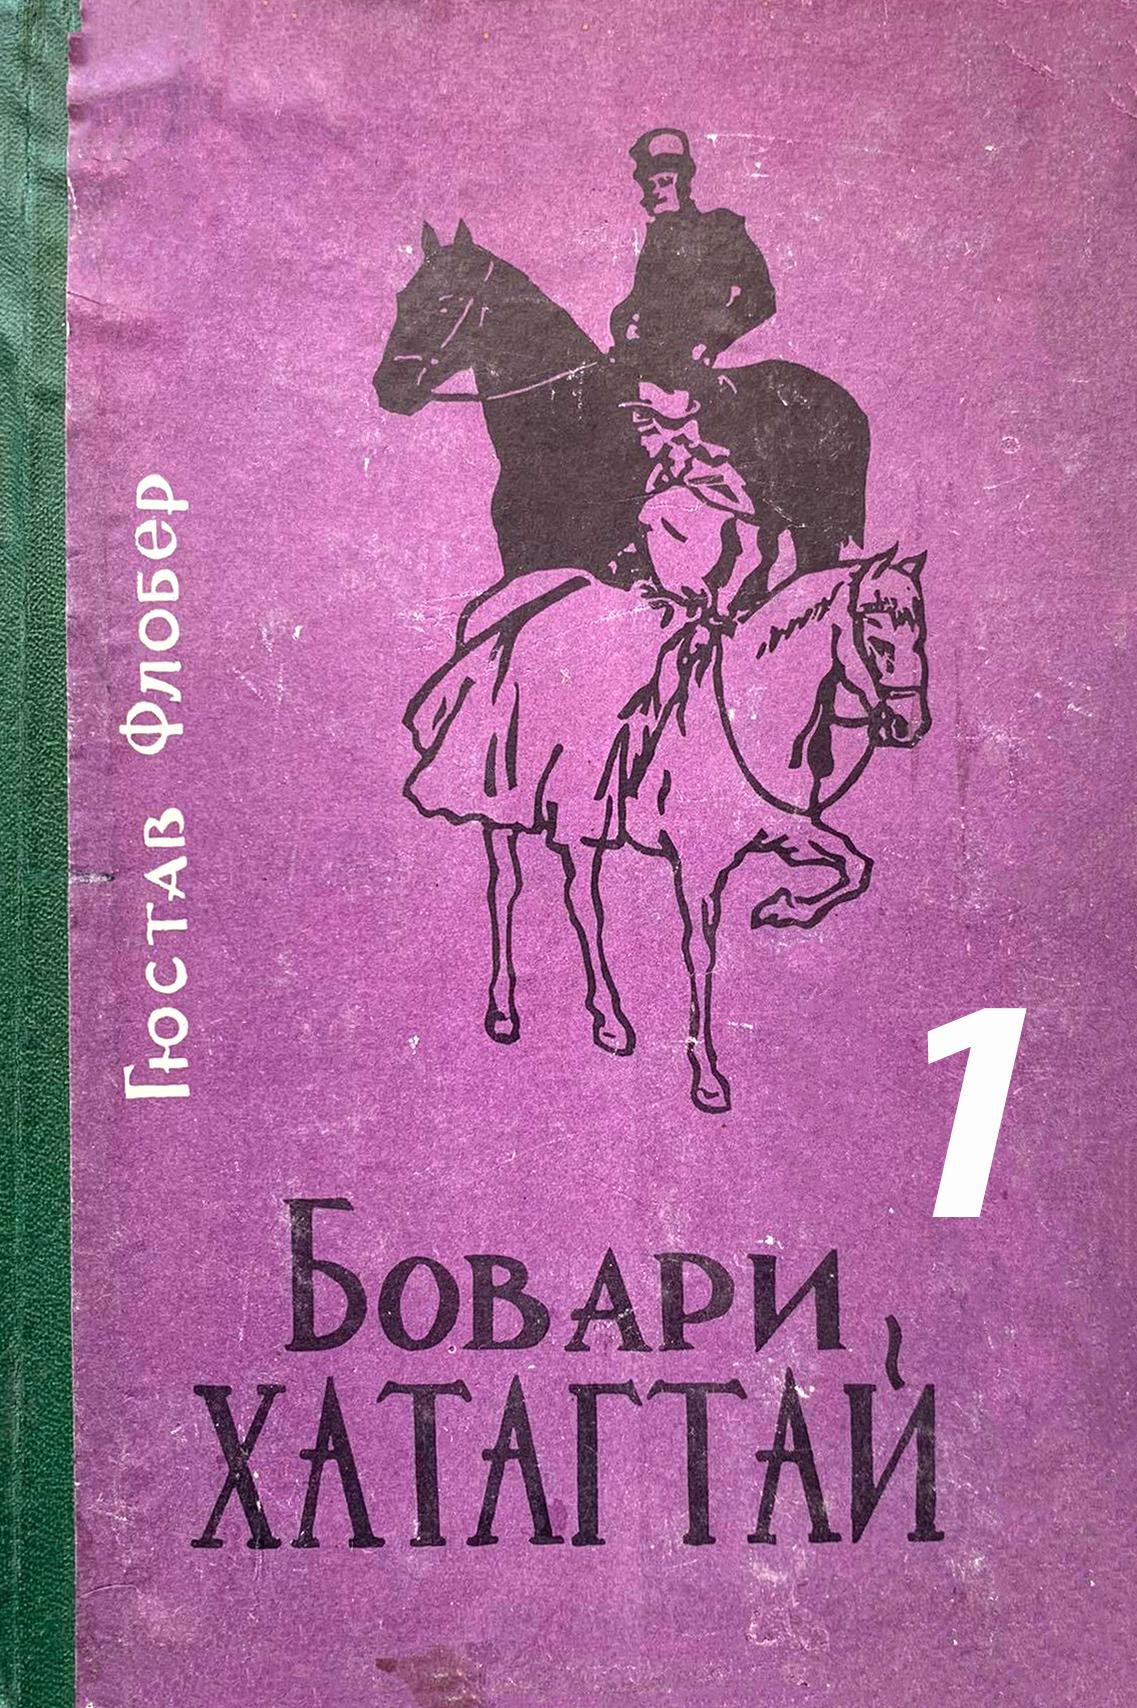 БОВАРИ ХАТАГТАЙ - 1